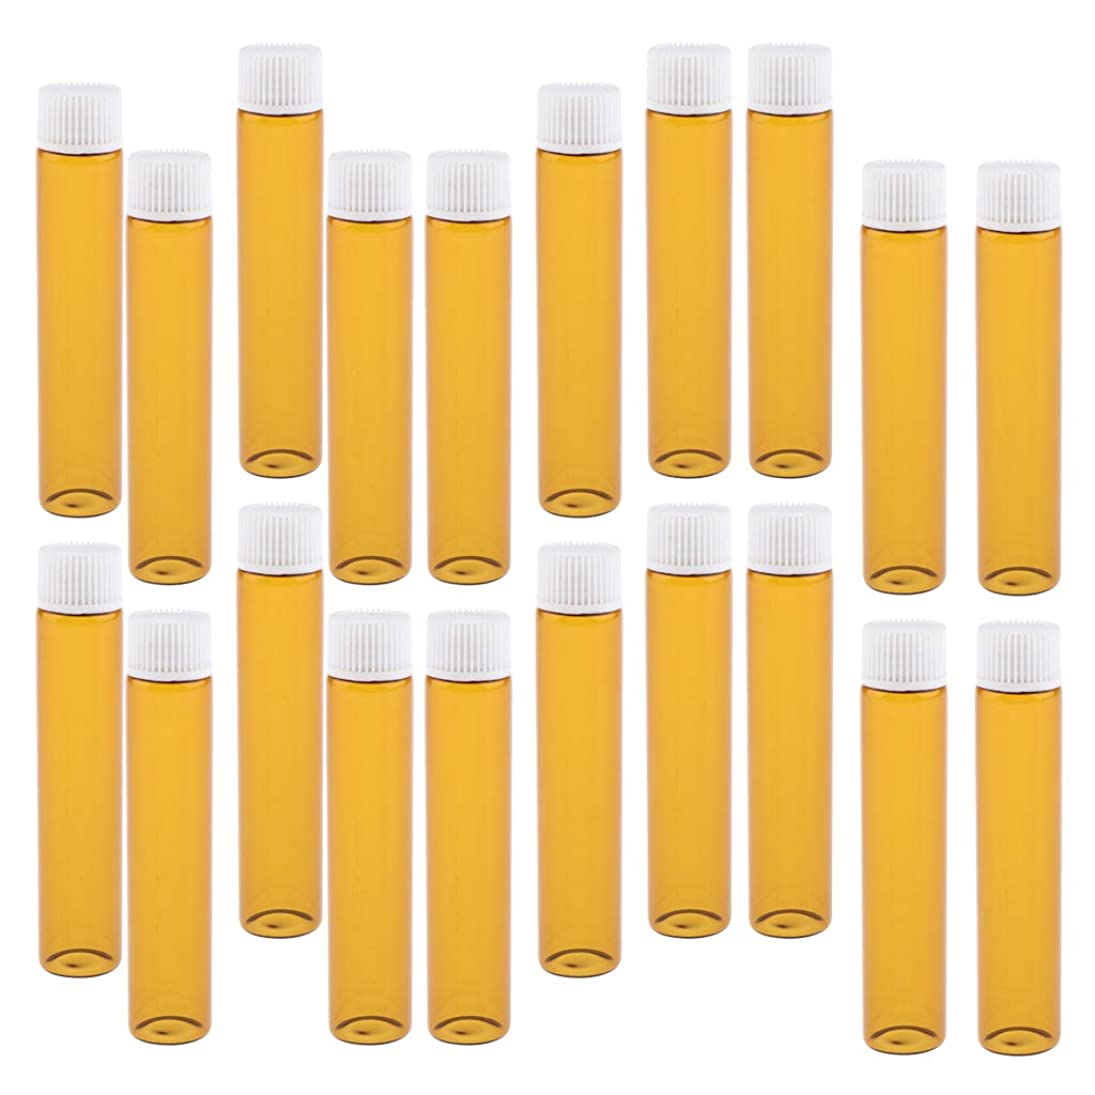 チート半球エクスタシーPerfeclan 20個 詰替え容器 香水ボトル ガラスボトル 小分け容器 小分けボトル 全4色 - ホワイト